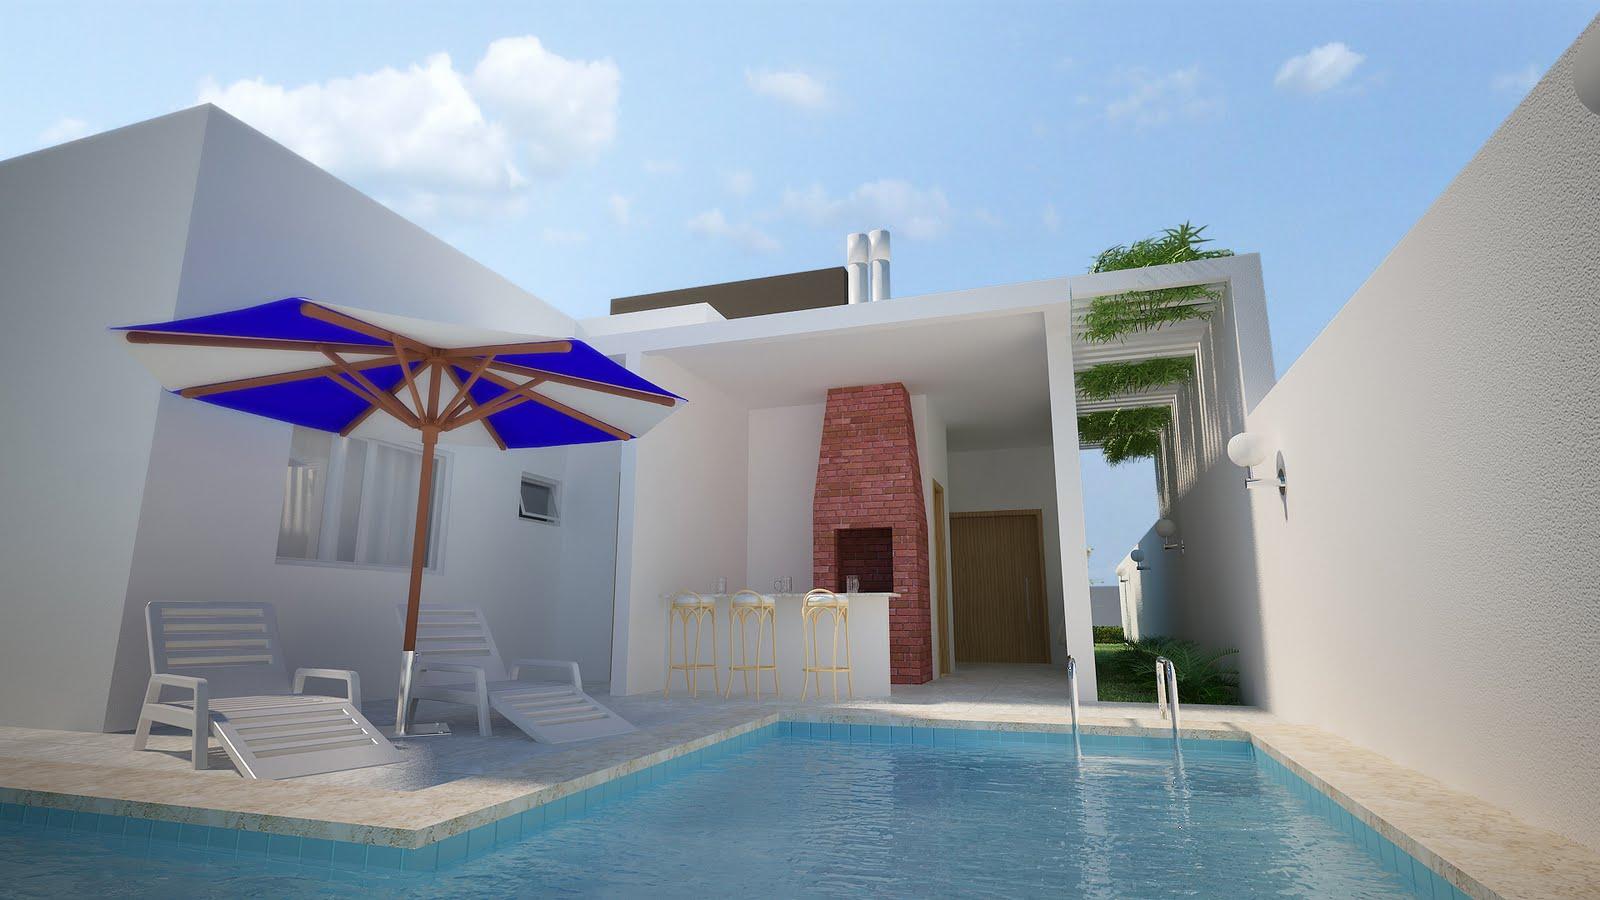 sugestao-de-projeto-para-area-de-lazer-simples-com-piscina